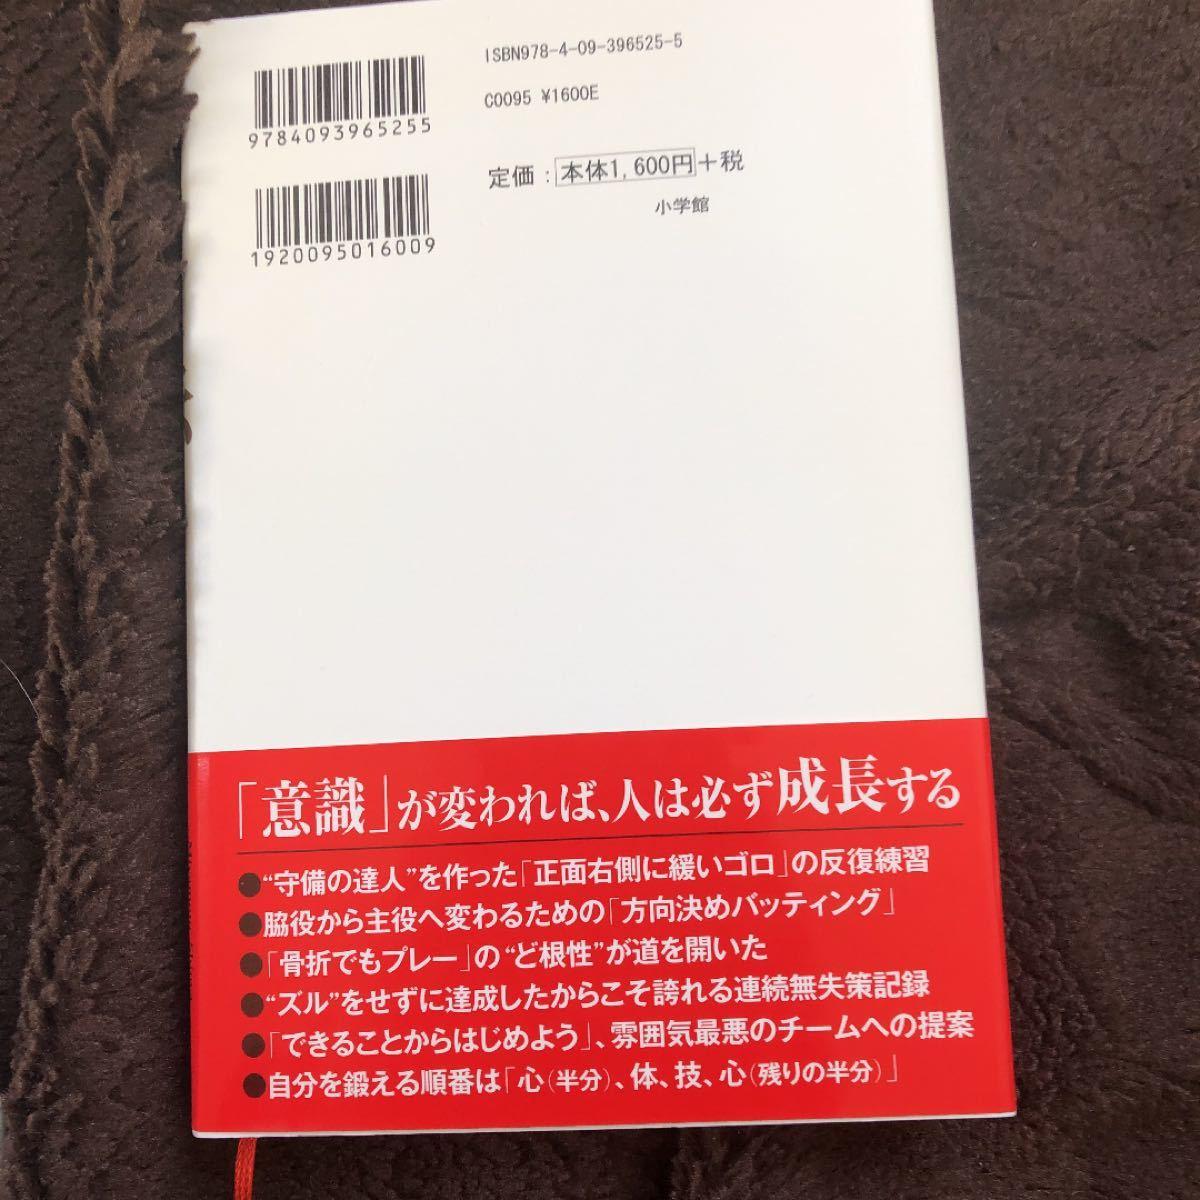 宮本慎也 歩 〜私の生き方・考え方〜